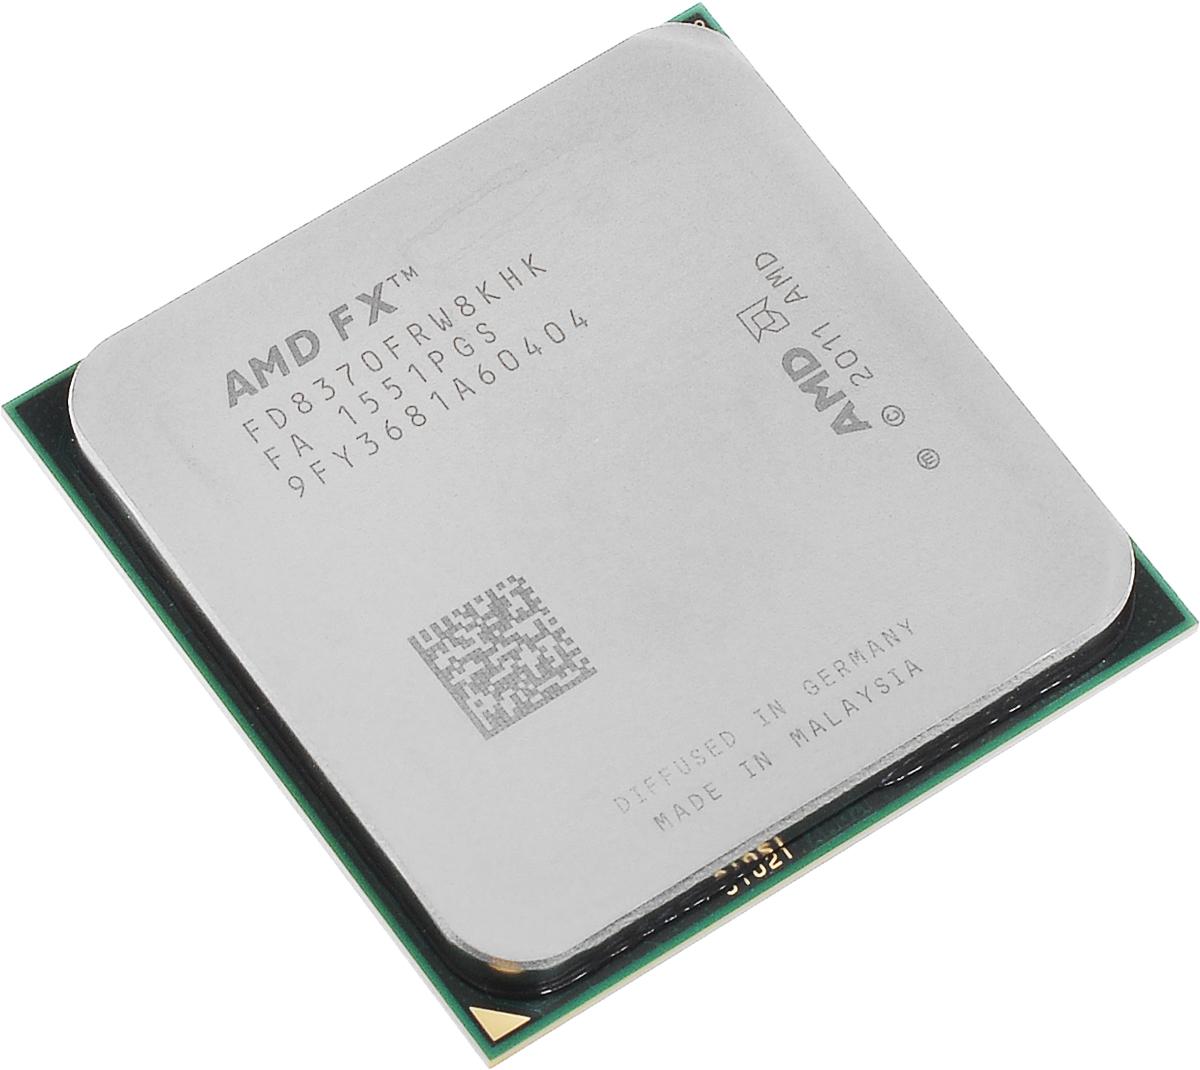 AMD FX-8370 процессор (FD8370FRW8KHK)FD8370FRW8KHKПроцессор AMD FX-8370 подойдет для настольных персональных компьютеров, основанных на платформе AMD. Данная модель имеет разблокированный множитель, а также встроенный двухканальный контроллер памяти DDR3.Процессор поддерживает все основные технологии AMD: AMD64Enhanced Virus Protection,HyperTransport,PowerNow! / CoolnQuiet,Turbo Core 3.0,Virtualization